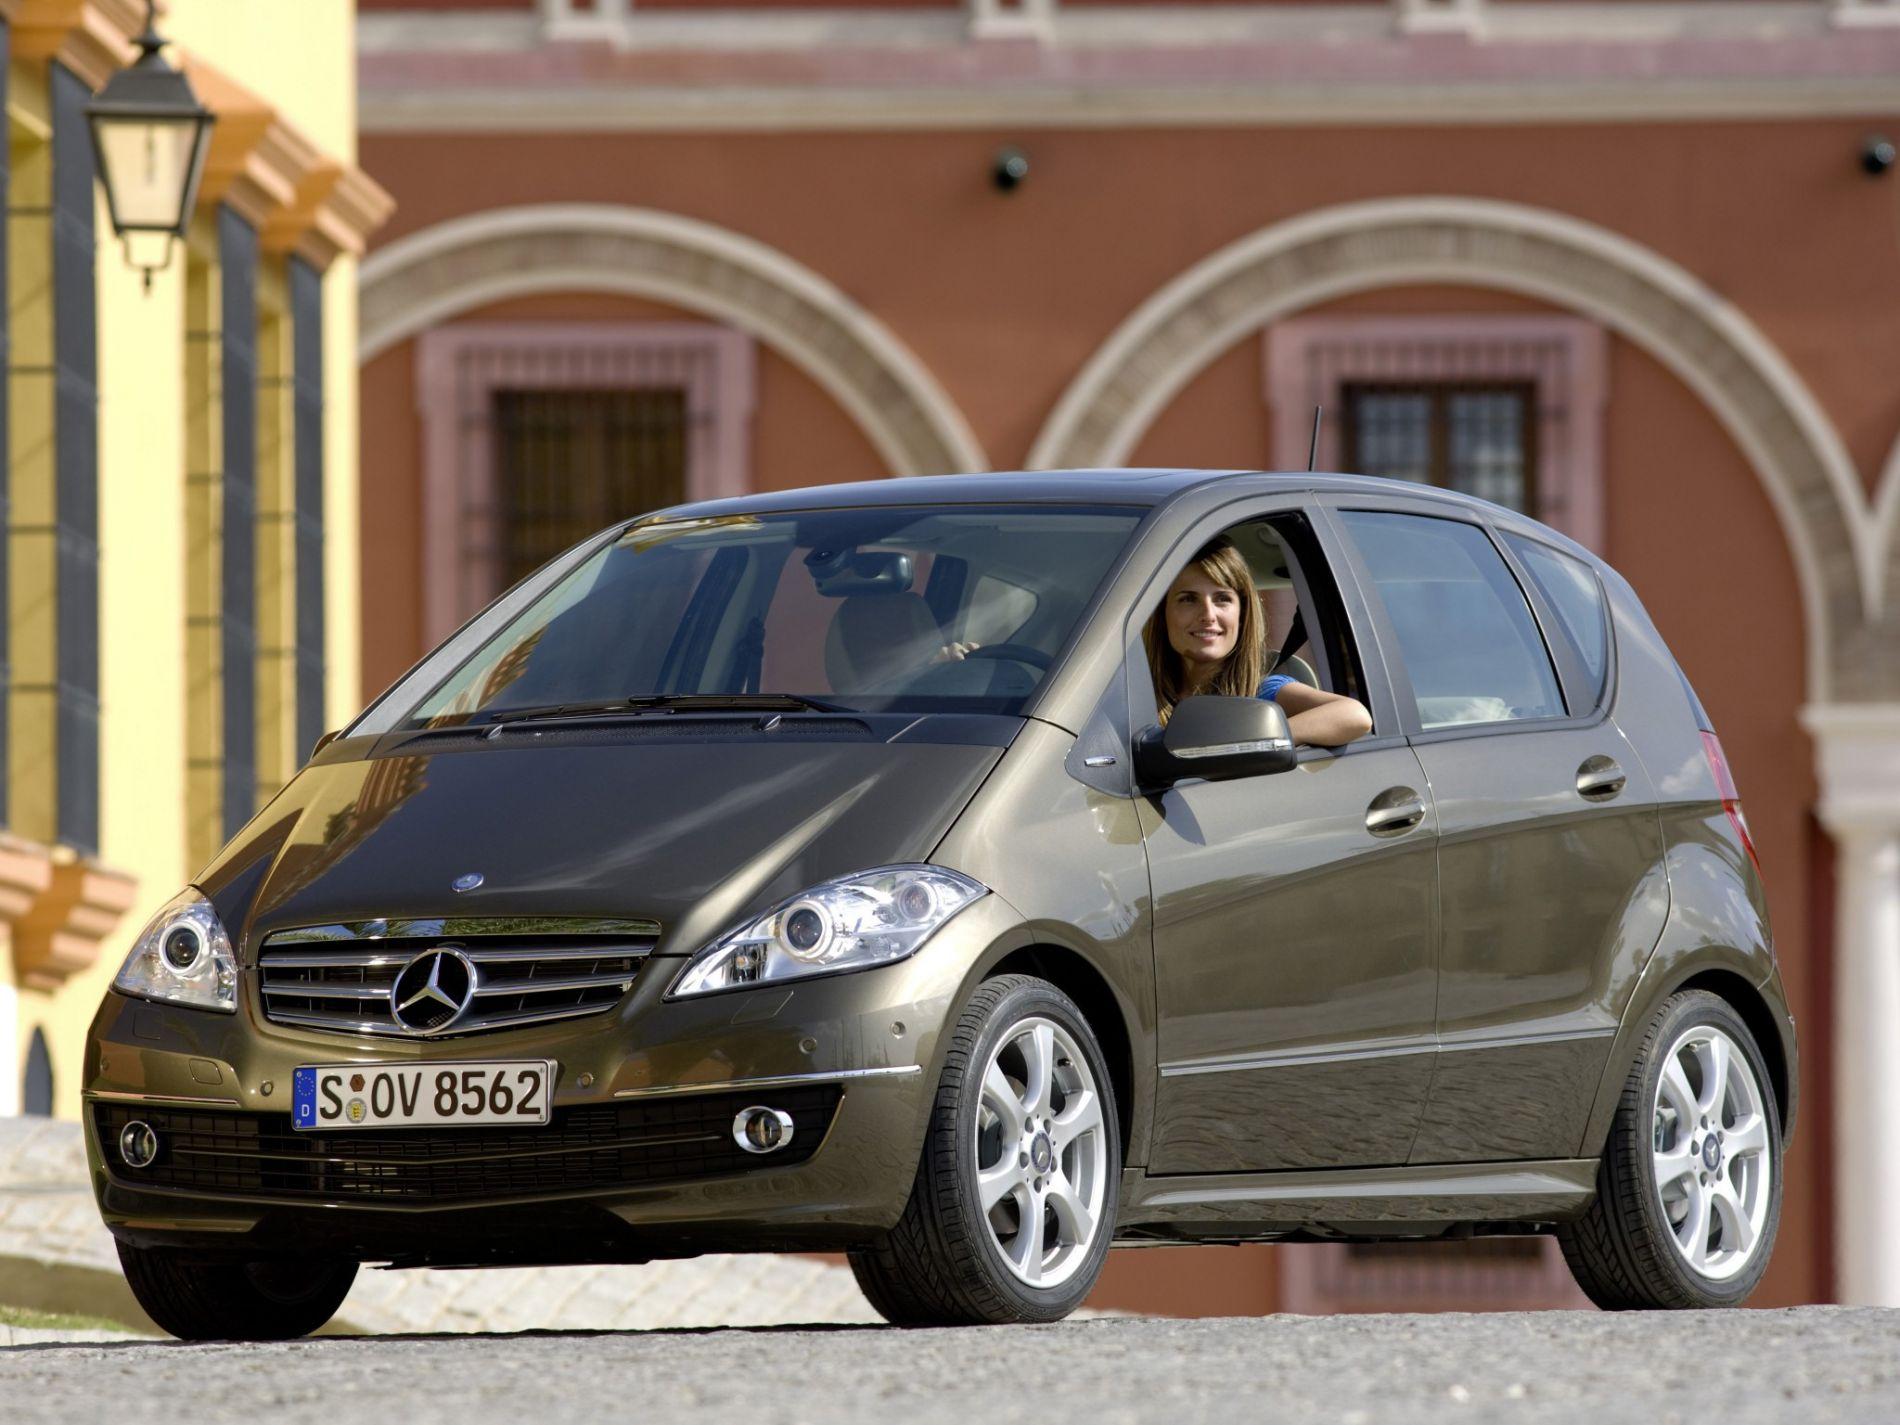 2004-12 წლის Mercedes-Benz А-კლასის 6 გავრცელებული პრობლემა